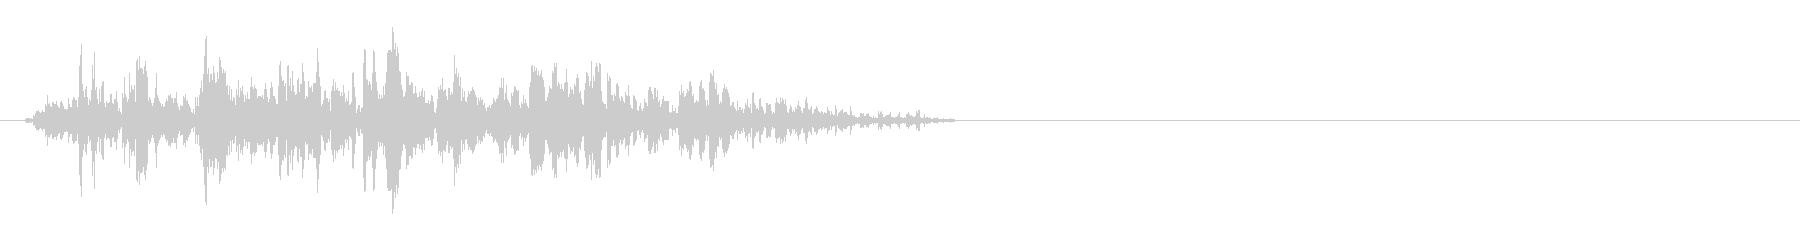 石臼を挽く音の未再生の波形